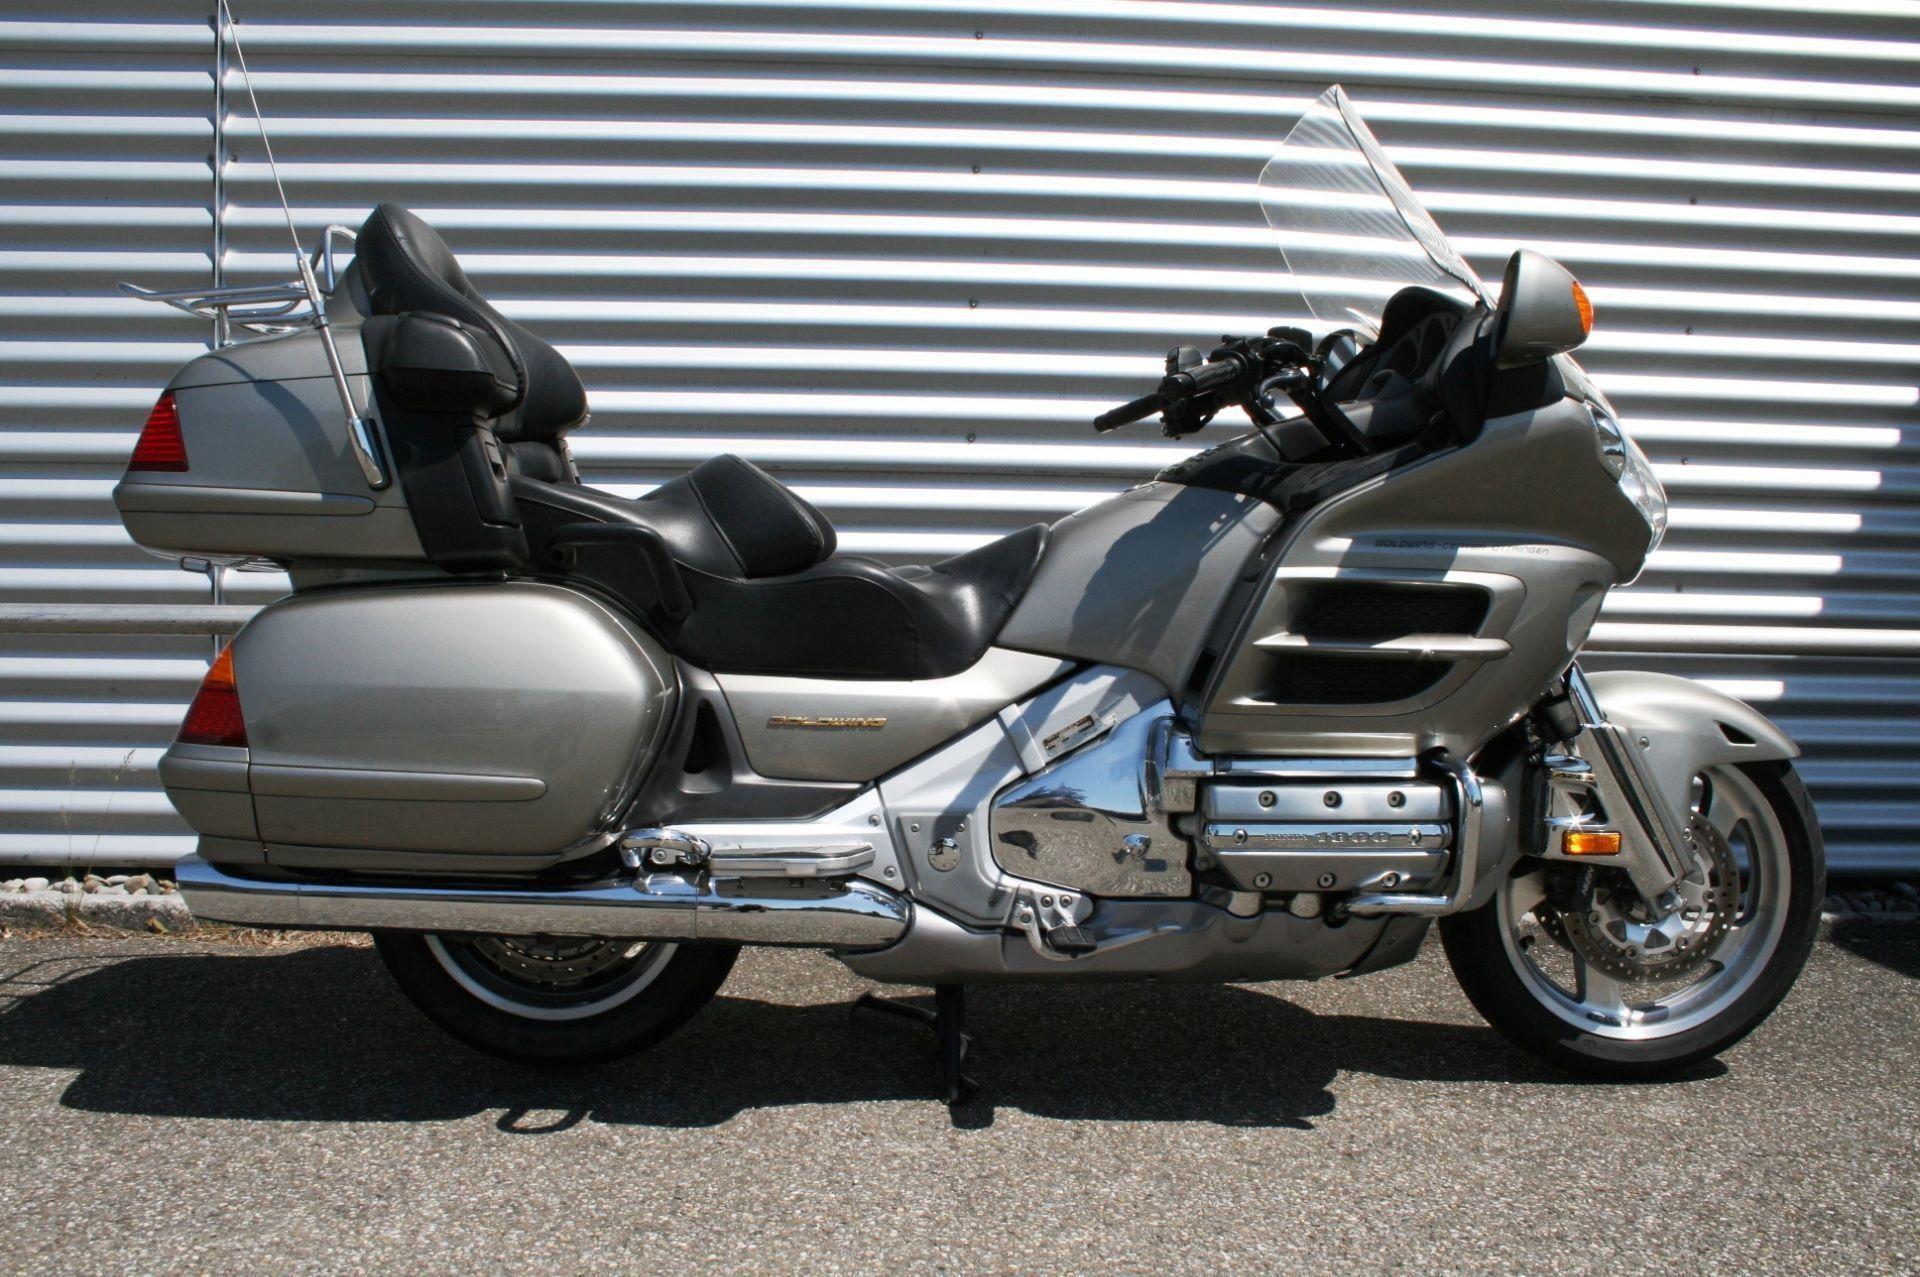 motorrad occasion kaufen honda gl 1800 gold wing abs